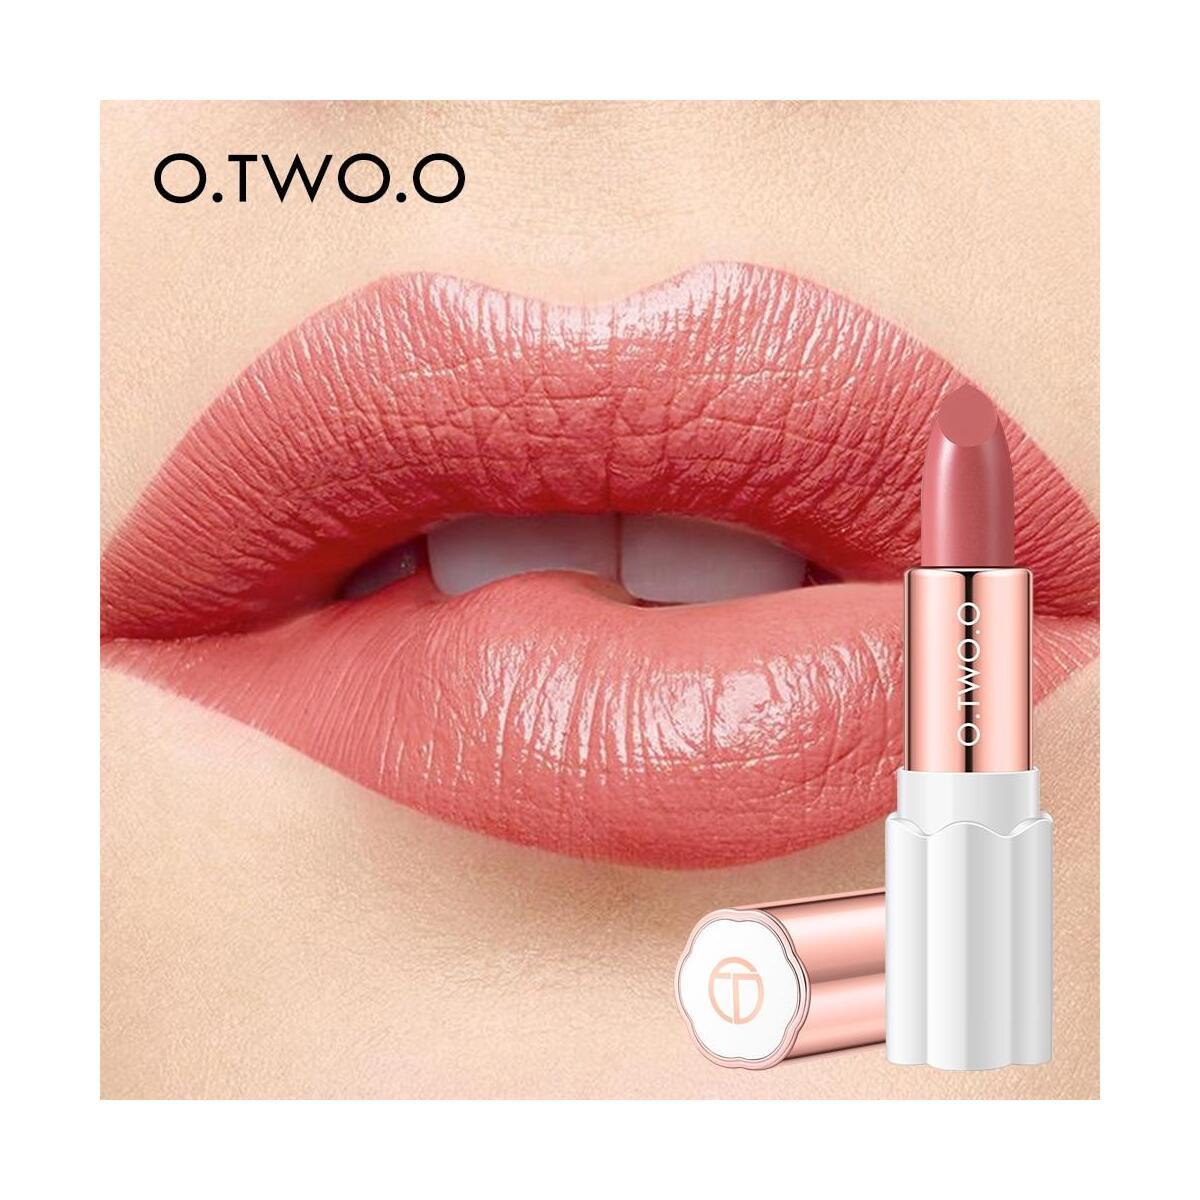 O.TWO.O Semi Velvet Lipstick, 05